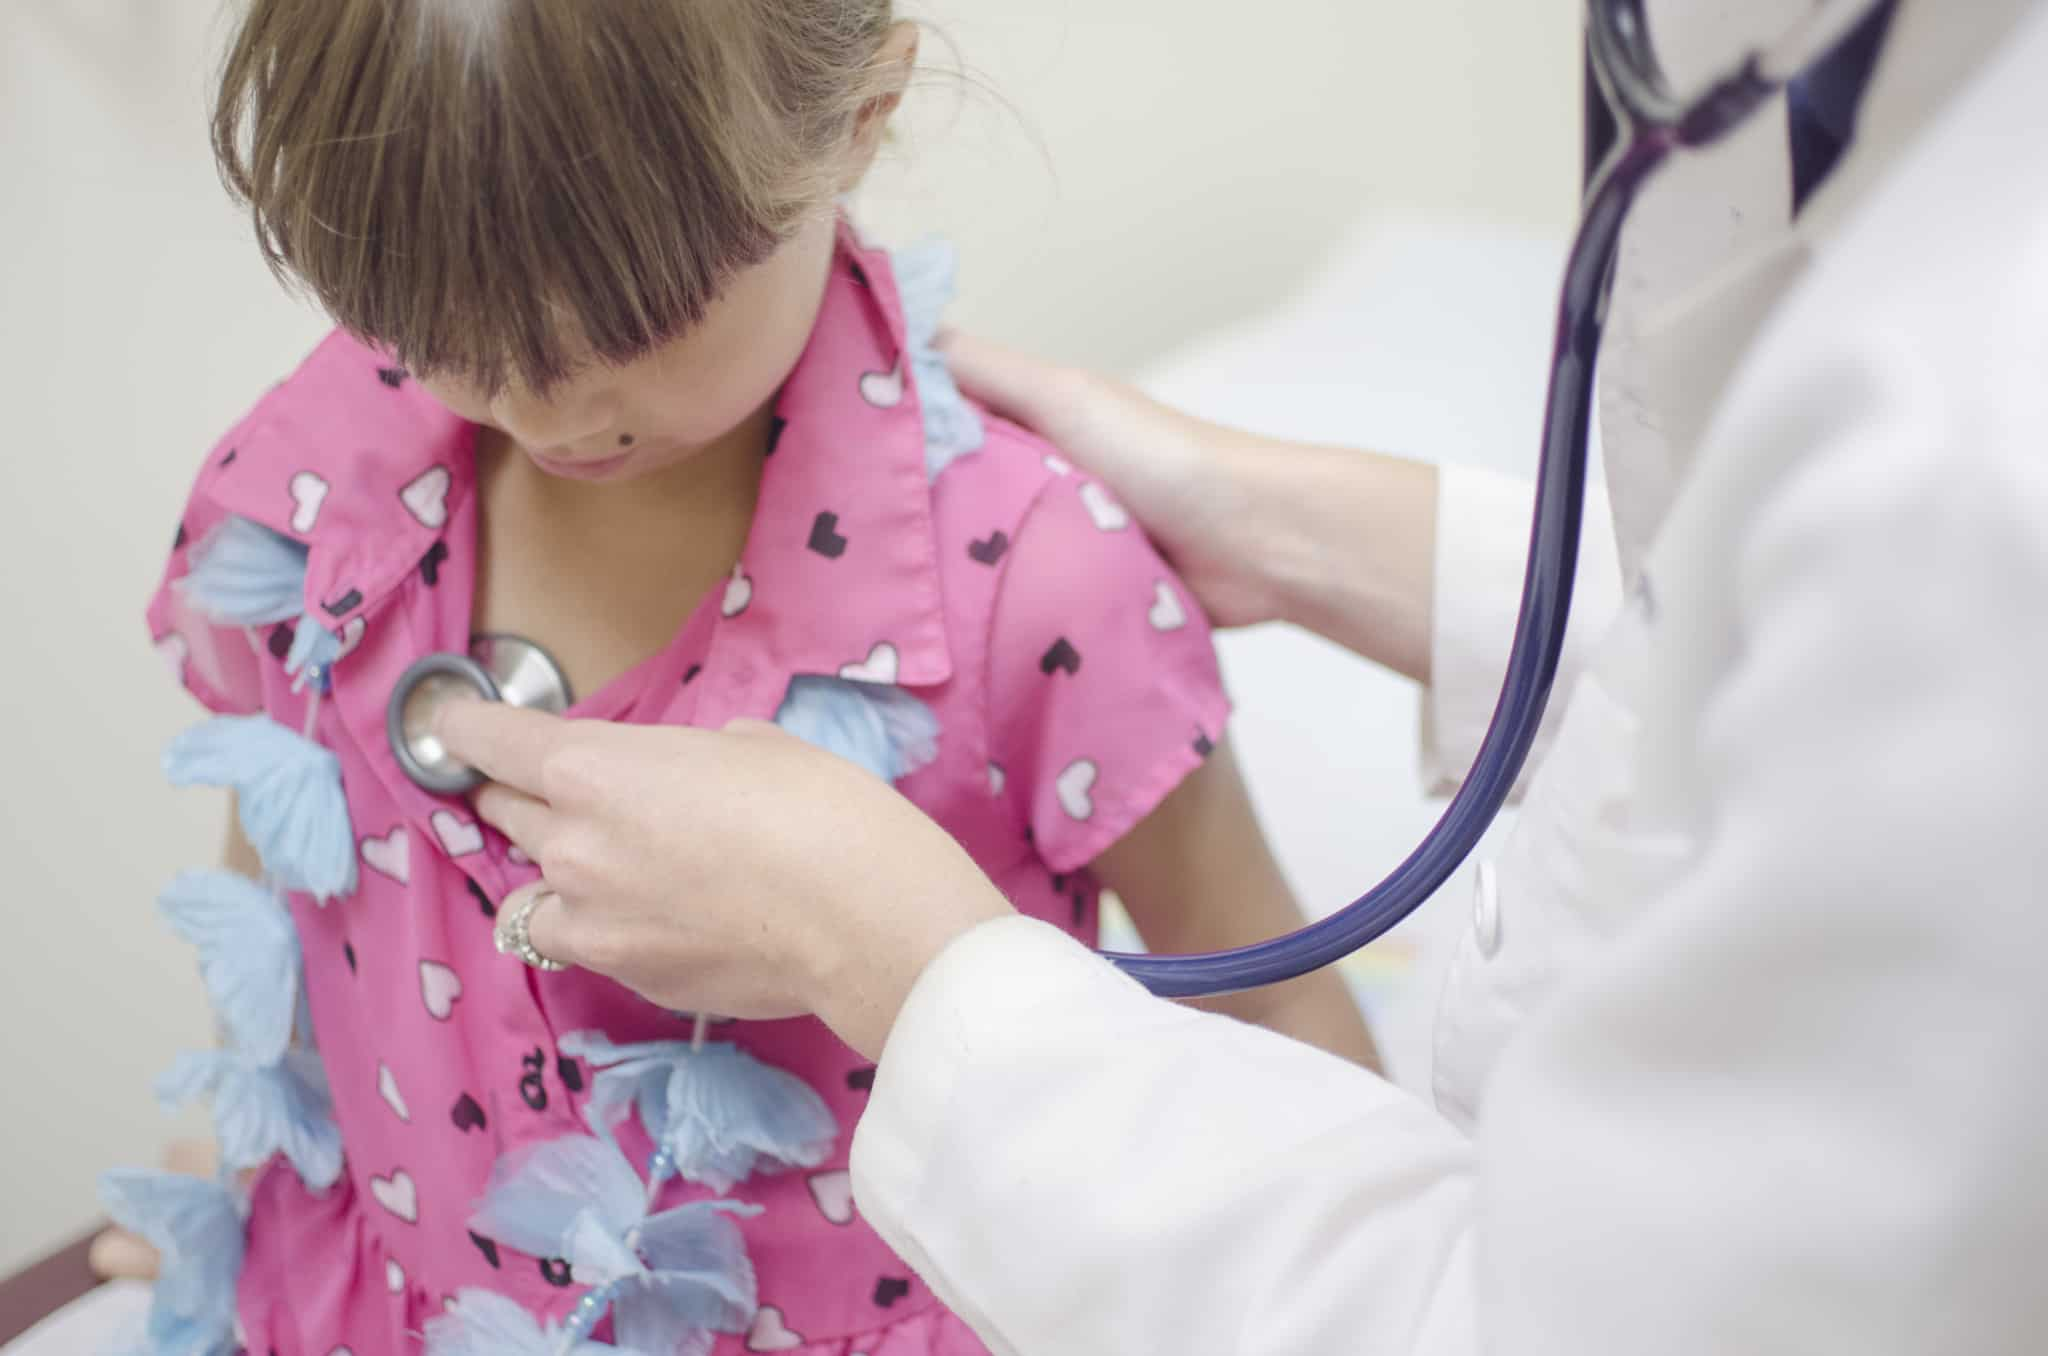 médica a fazer check up a criança com tshirt cor de rosa